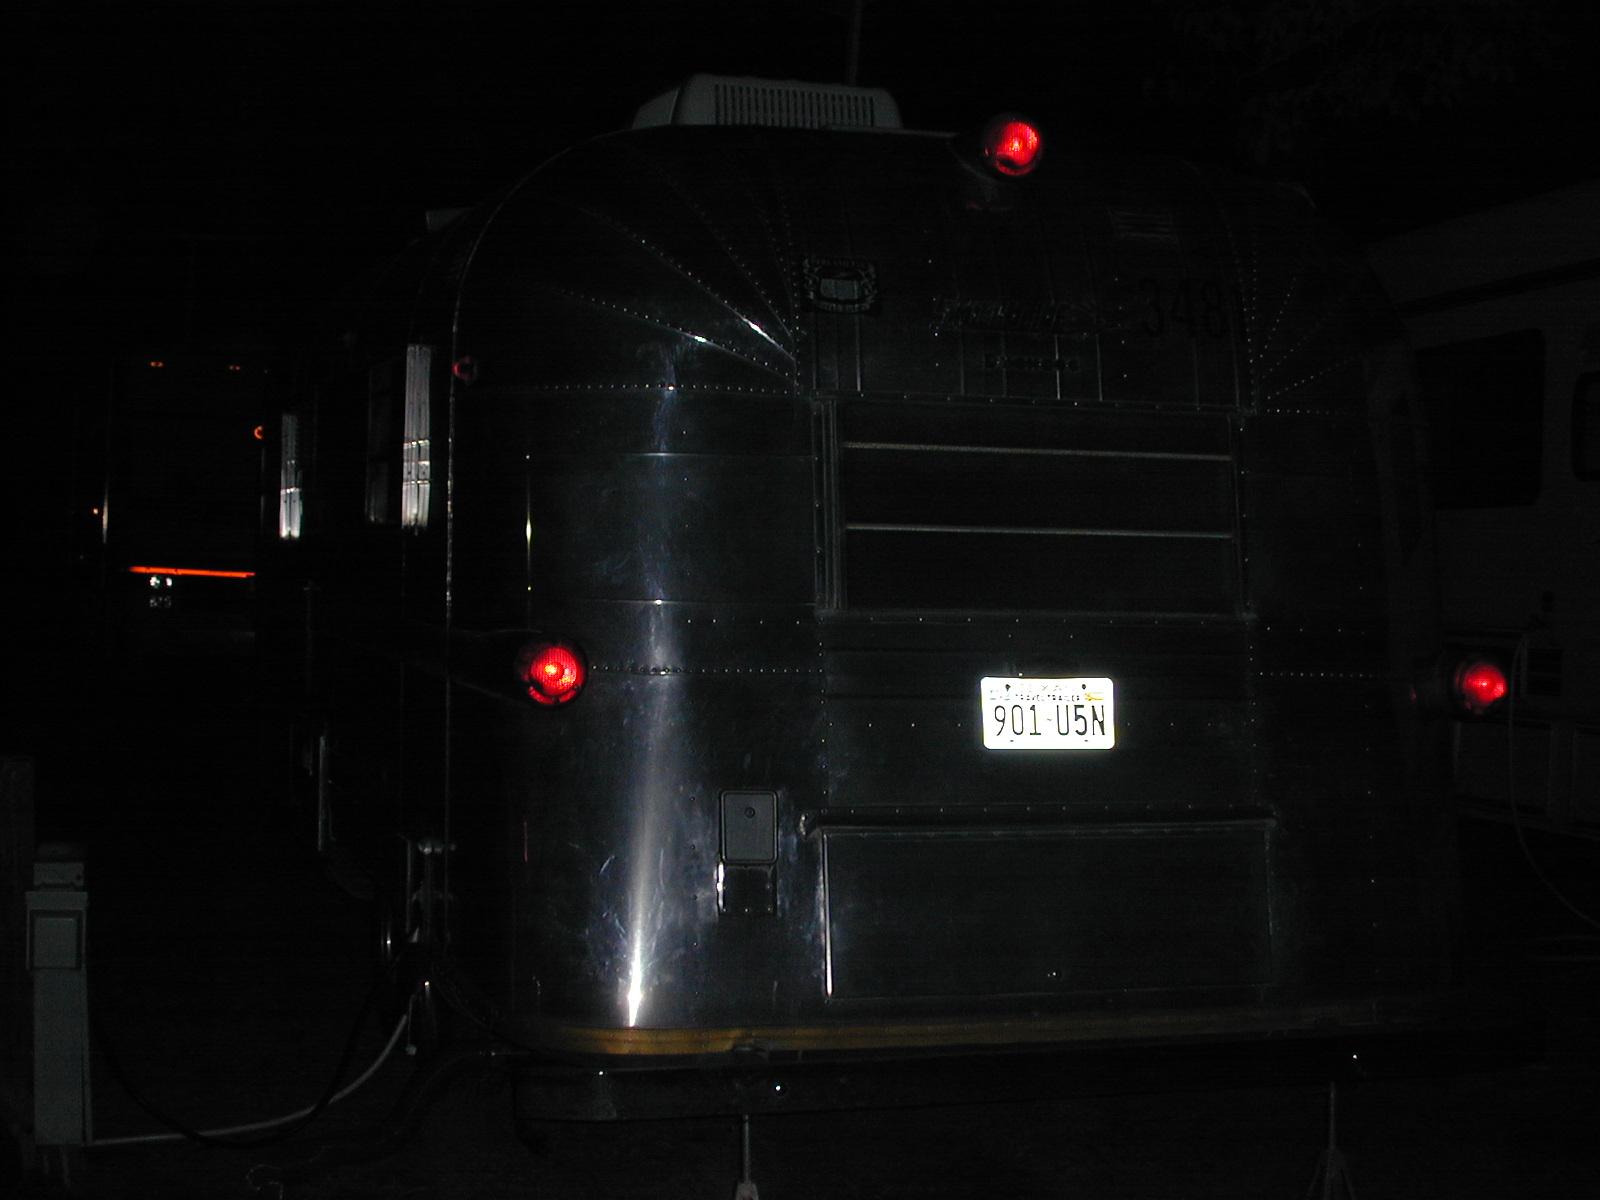 Rear trailer lights